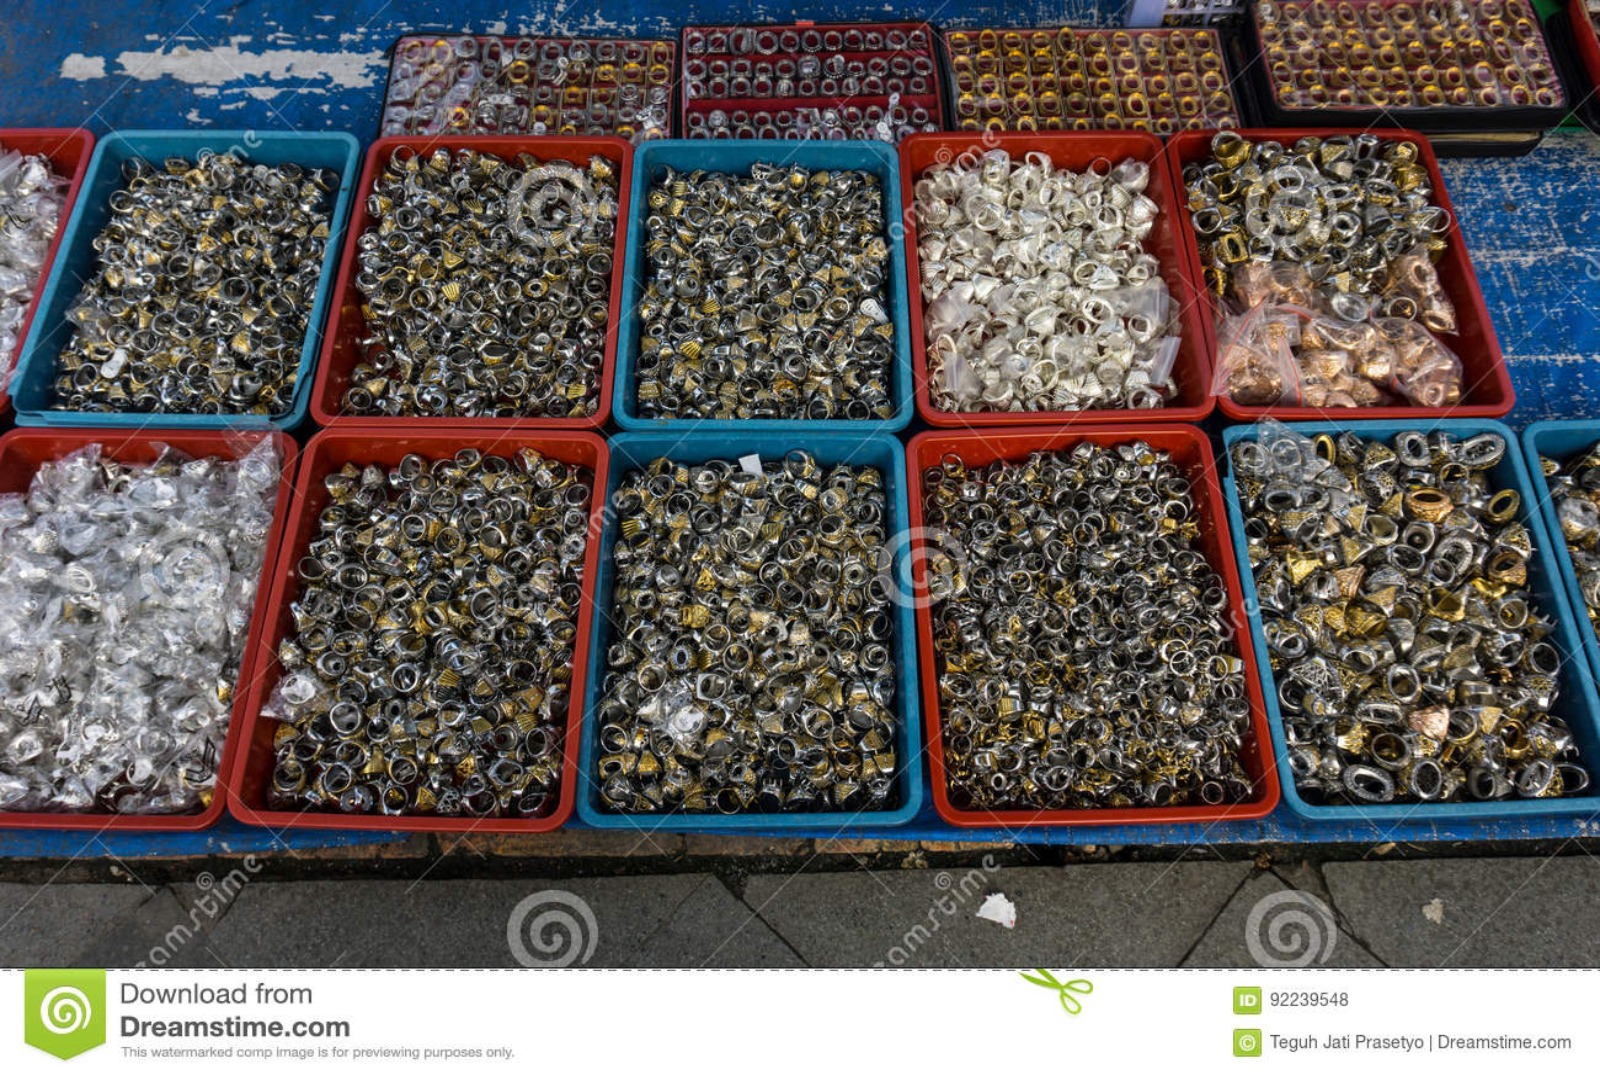 Vari gentile e colourful delle pietre preziose e dell agata hanno venduto nel mercato tradizionale in Bogor Indonesia